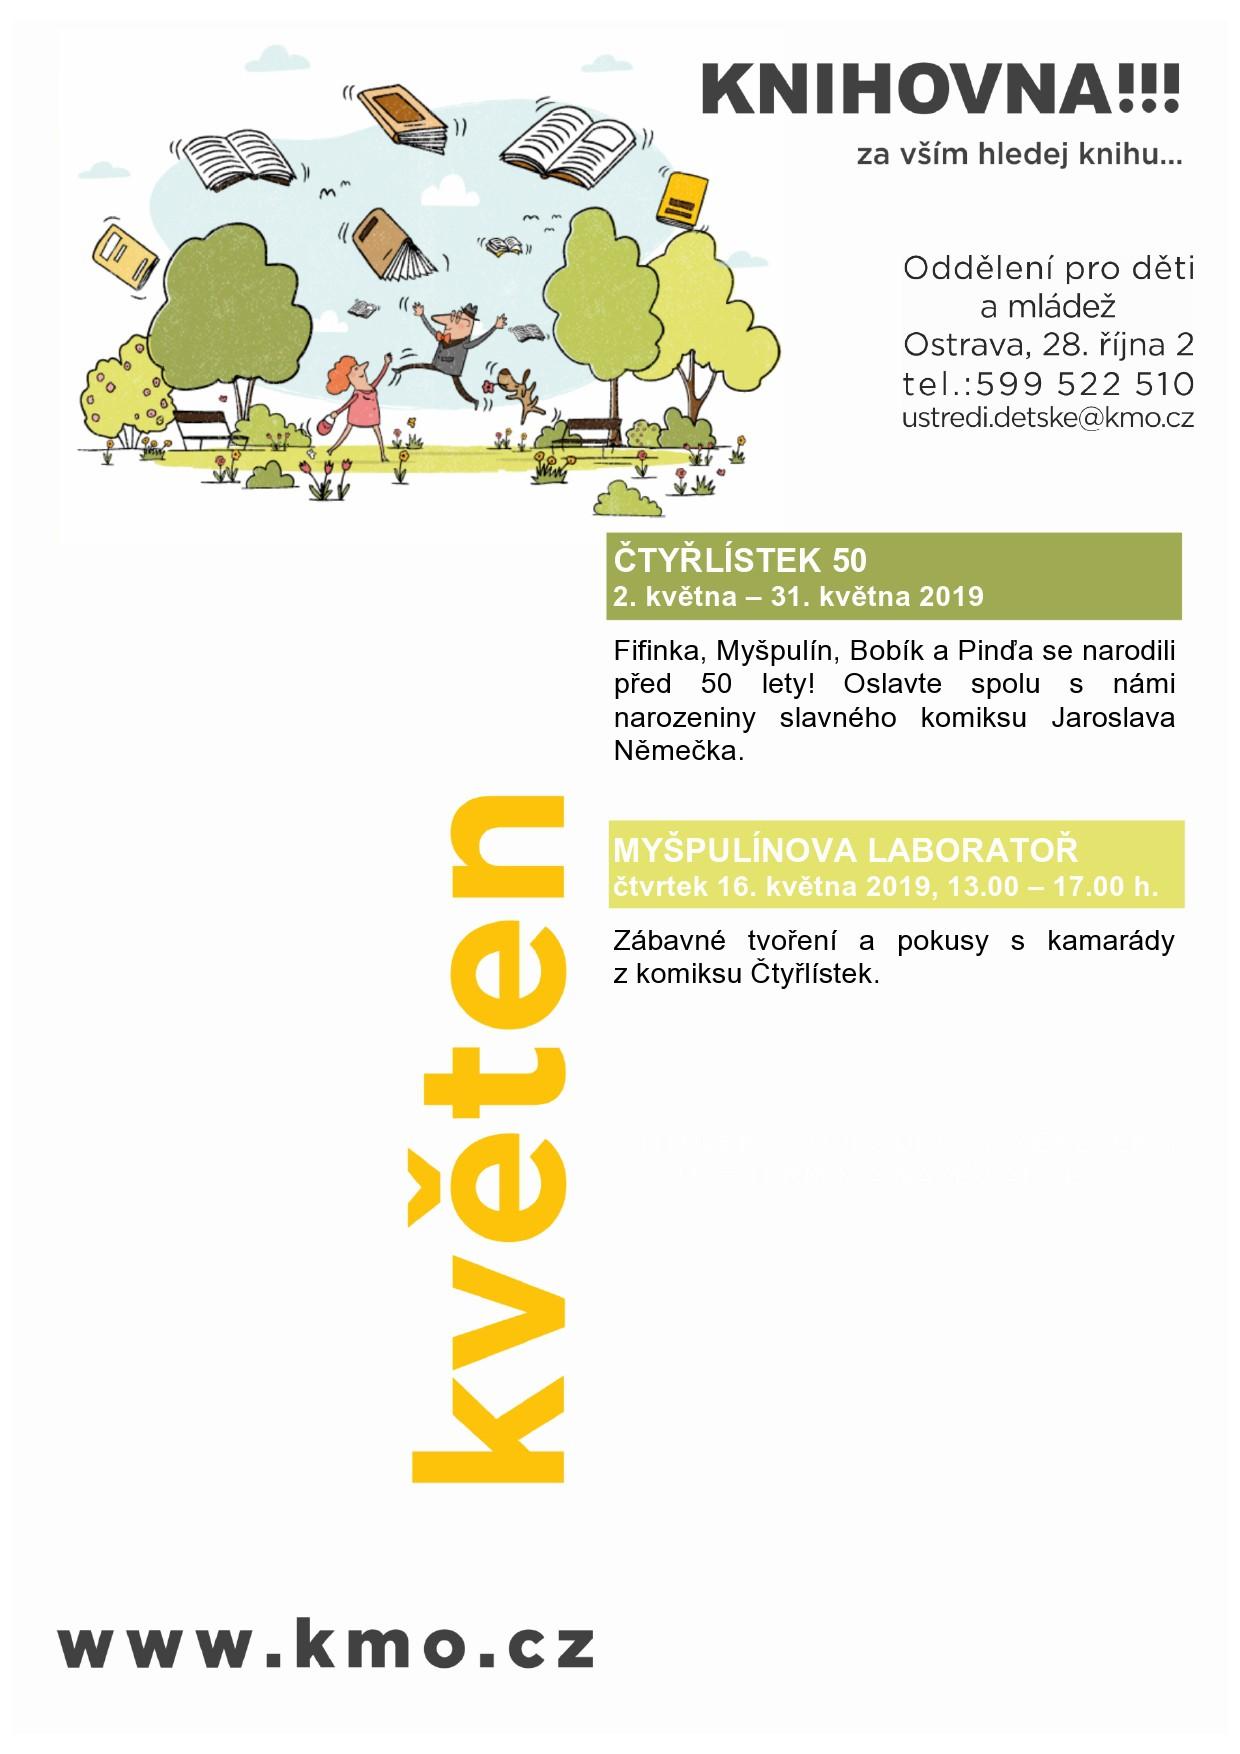 ČTYŘLÍSTEK 50 2. května – 31. května 2019 Fifinka, Myšpulín, Bobík a Pinďa se narodili před 50 lety! Oslavte spolu s námi narozeniny slavného komiksu Jaroslava Němečka. MYŠPULÍNOVA LABORATOŘ čtvrtek 16. května 2019, 13.00 – 17.00 h. Zábavné tvoření a pokusy s kamarády z komiksu Čtyřlístek.